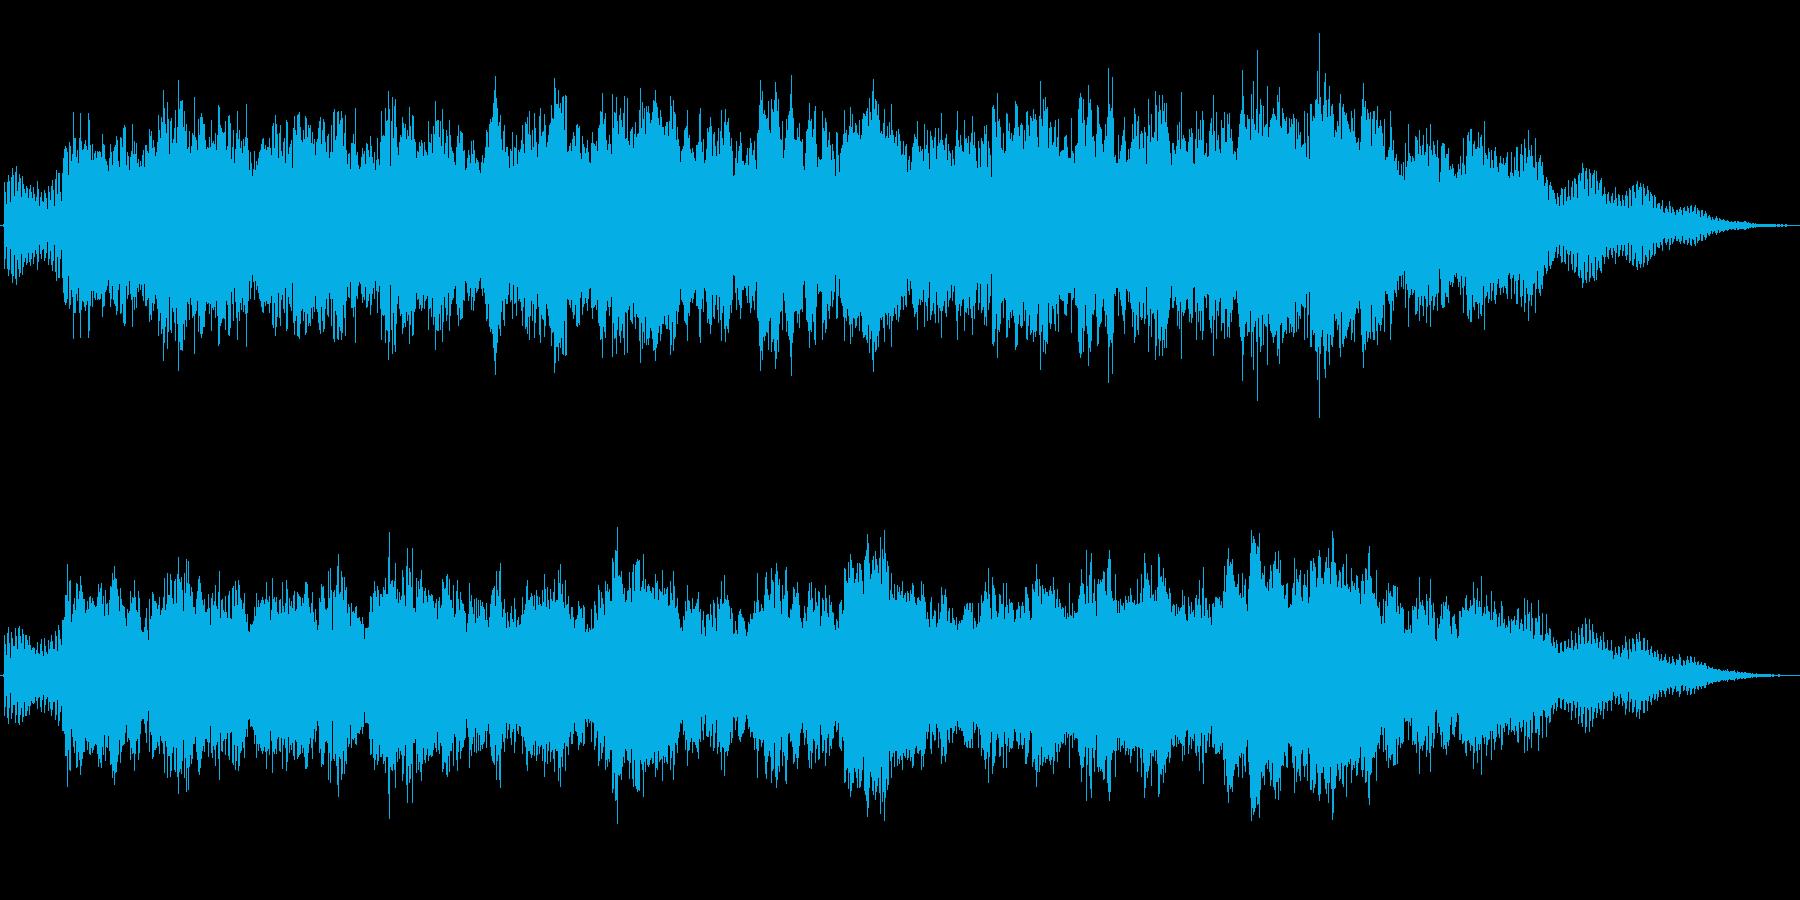 キラキラシンセのメルヘン世界のジングル2の再生済みの波形